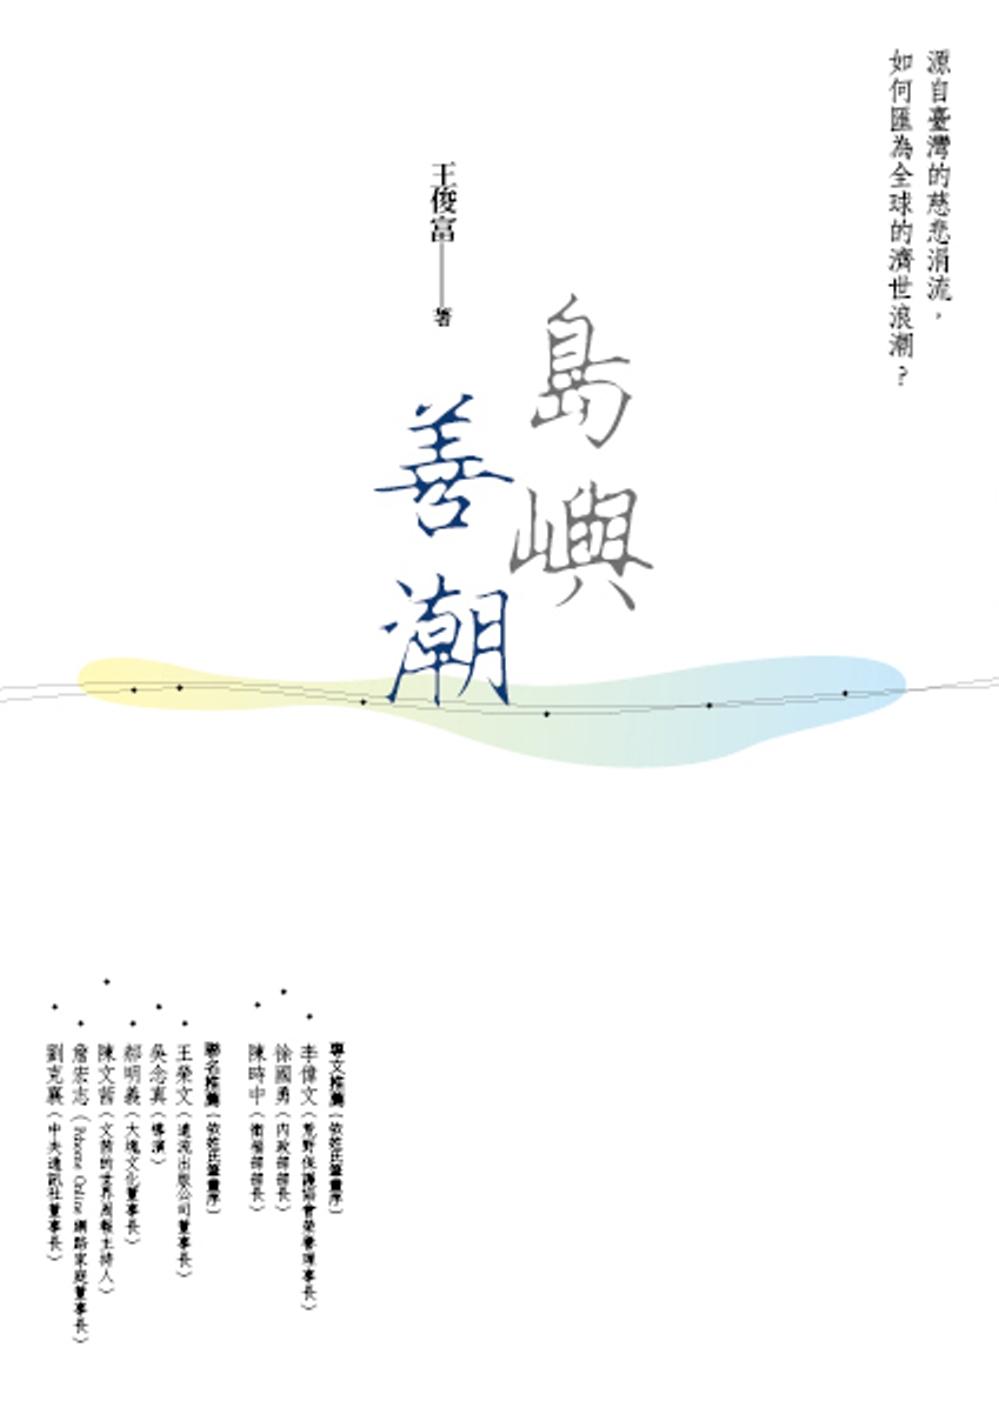 島嶼善潮:源自臺灣的慈悲涓流,如何匯為全球的濟世浪潮?